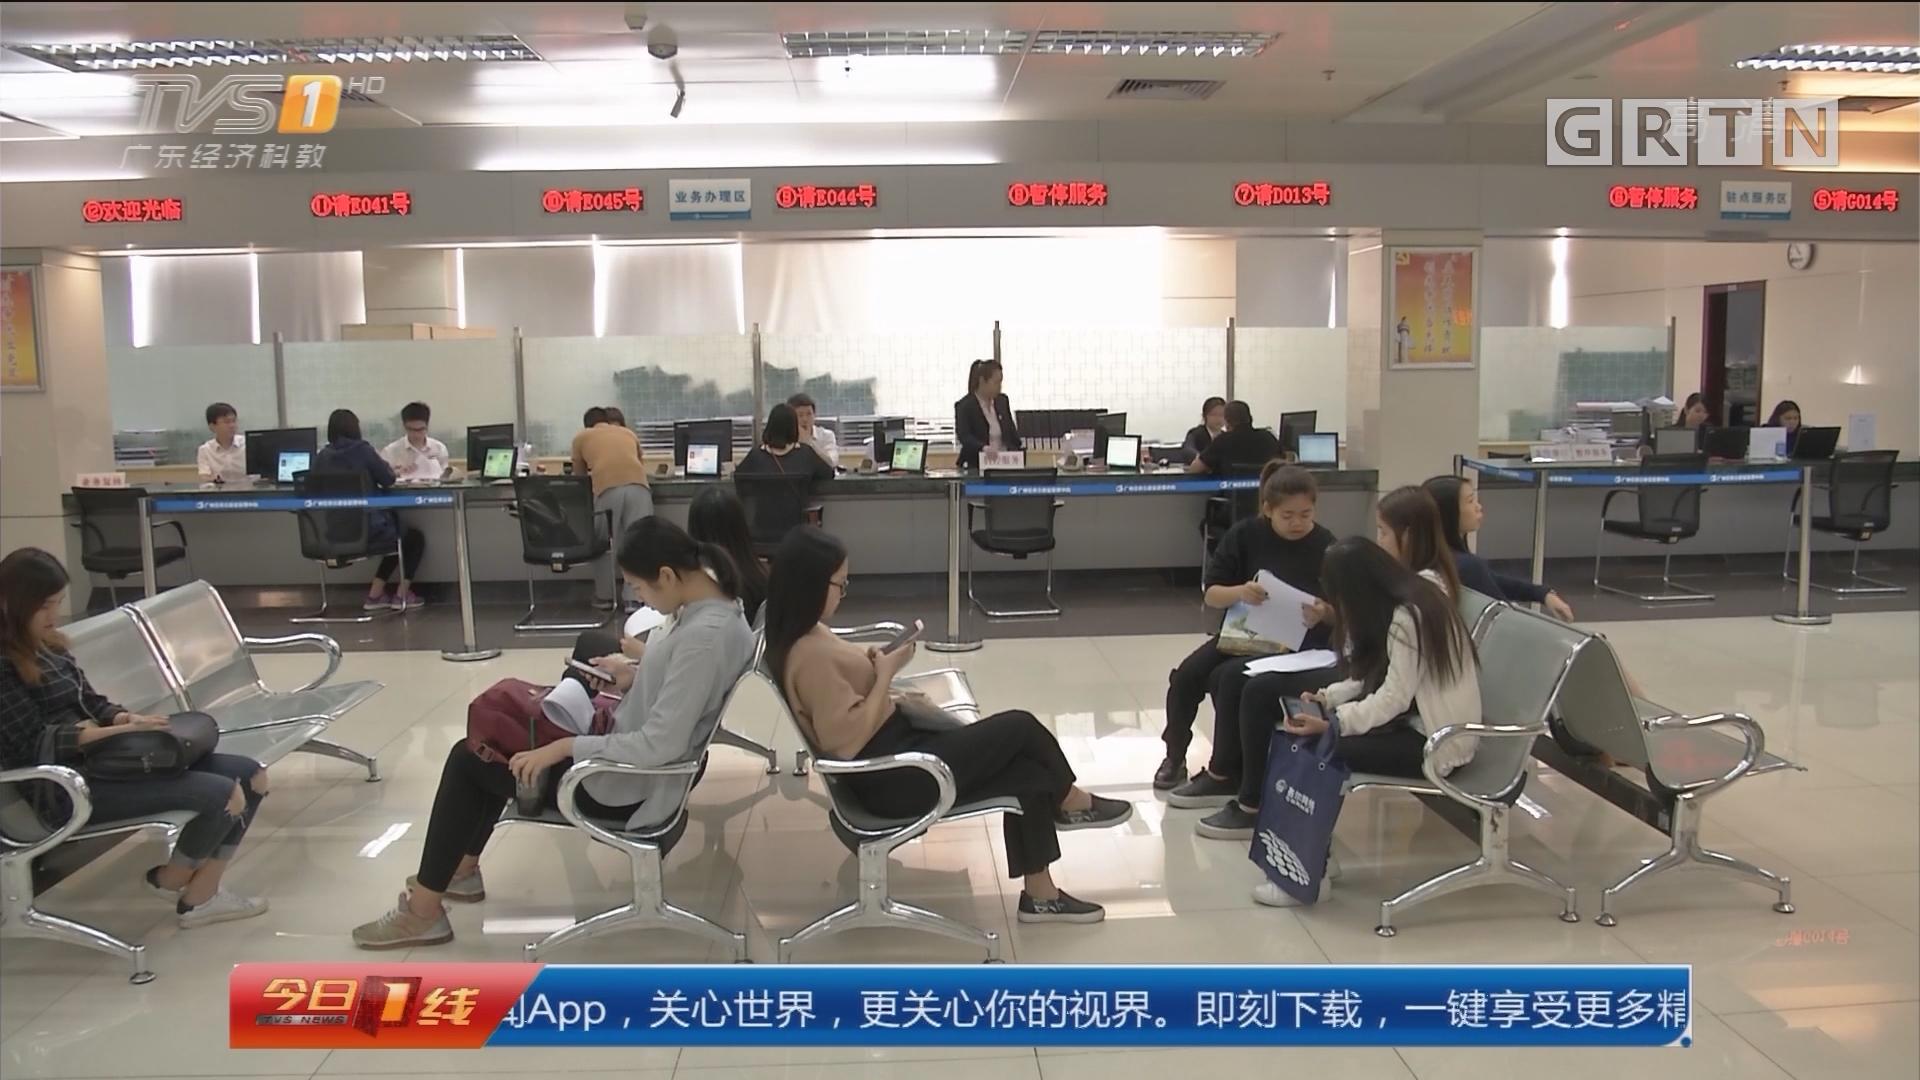 广州:今起个人自愿缴存公积金可办理了!